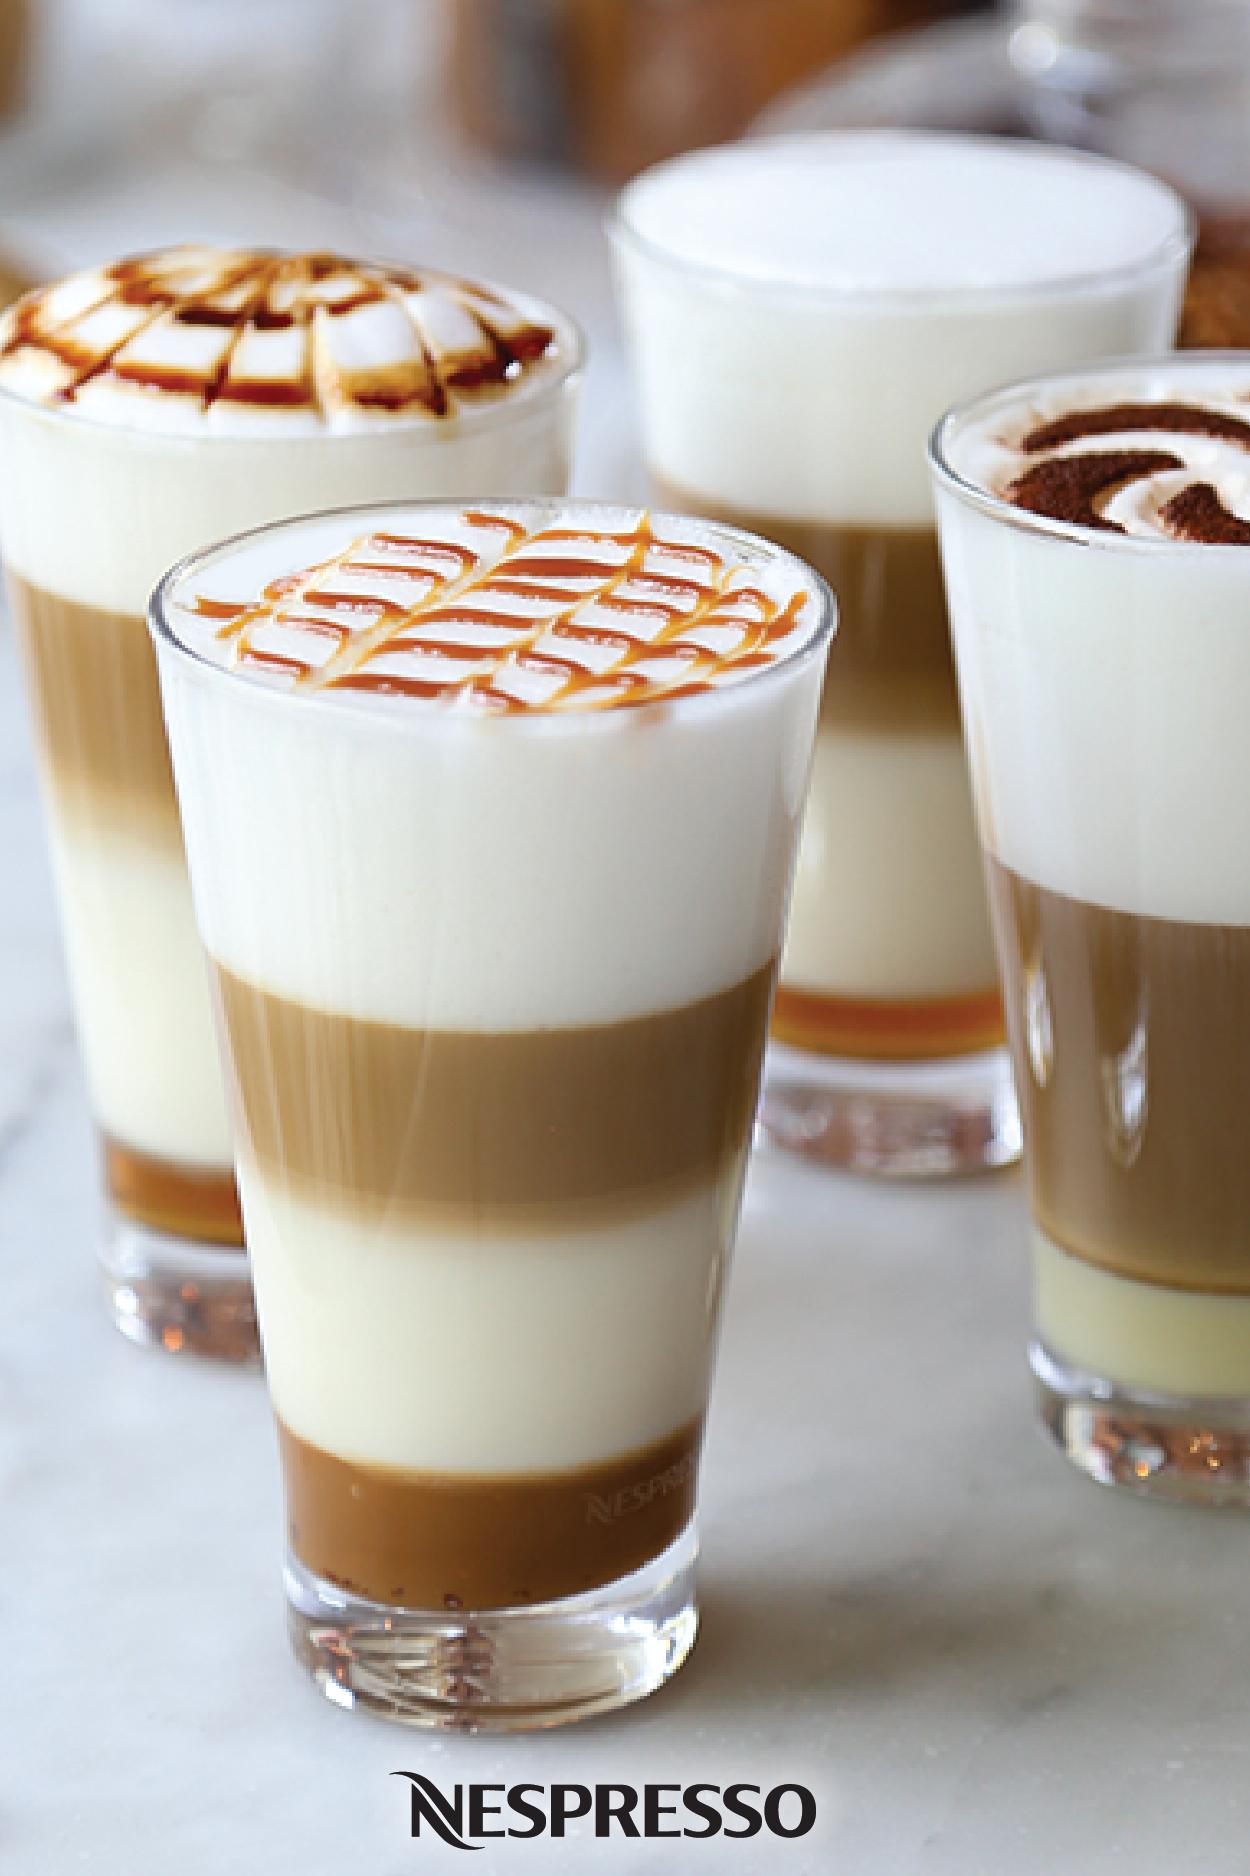 Nespresso Recipes